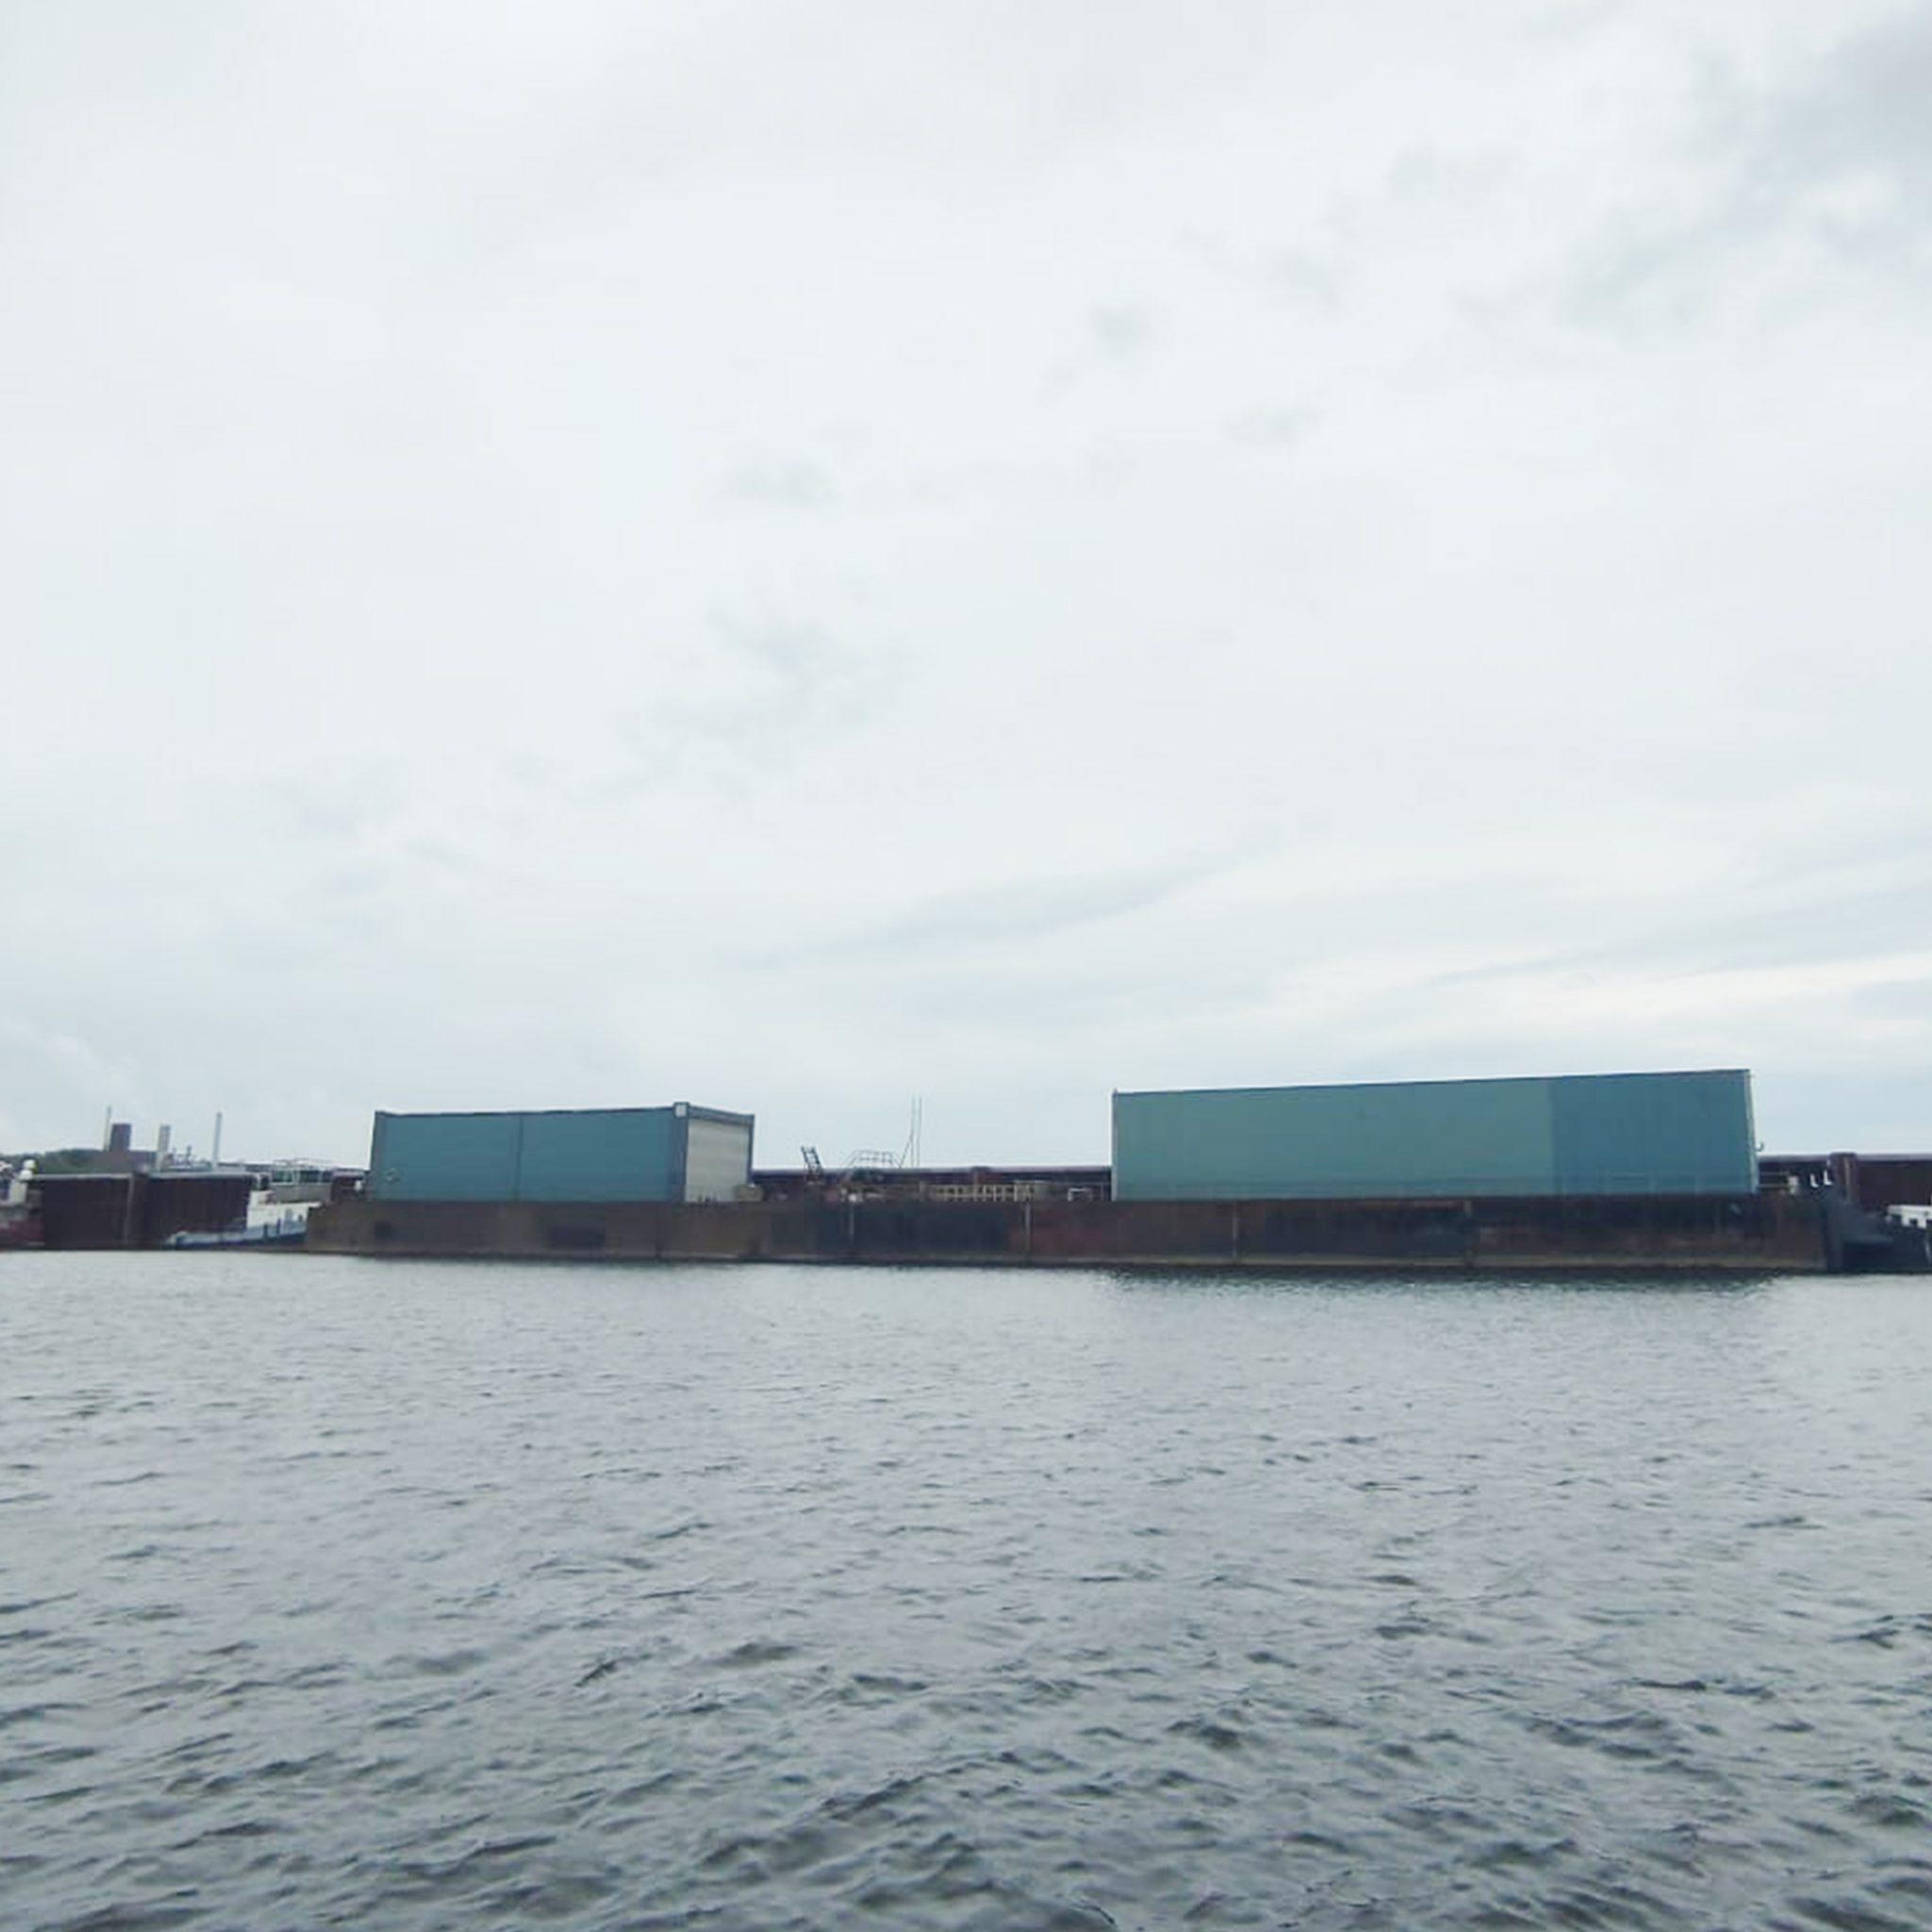 De 94 meter lange drijvende steiger van scheepswerf Misti ligt in de Arnhemse Nieuwe Haven klaar voor transport naar Scheepswerf Dodewaard. (Foto Jan Fransen)